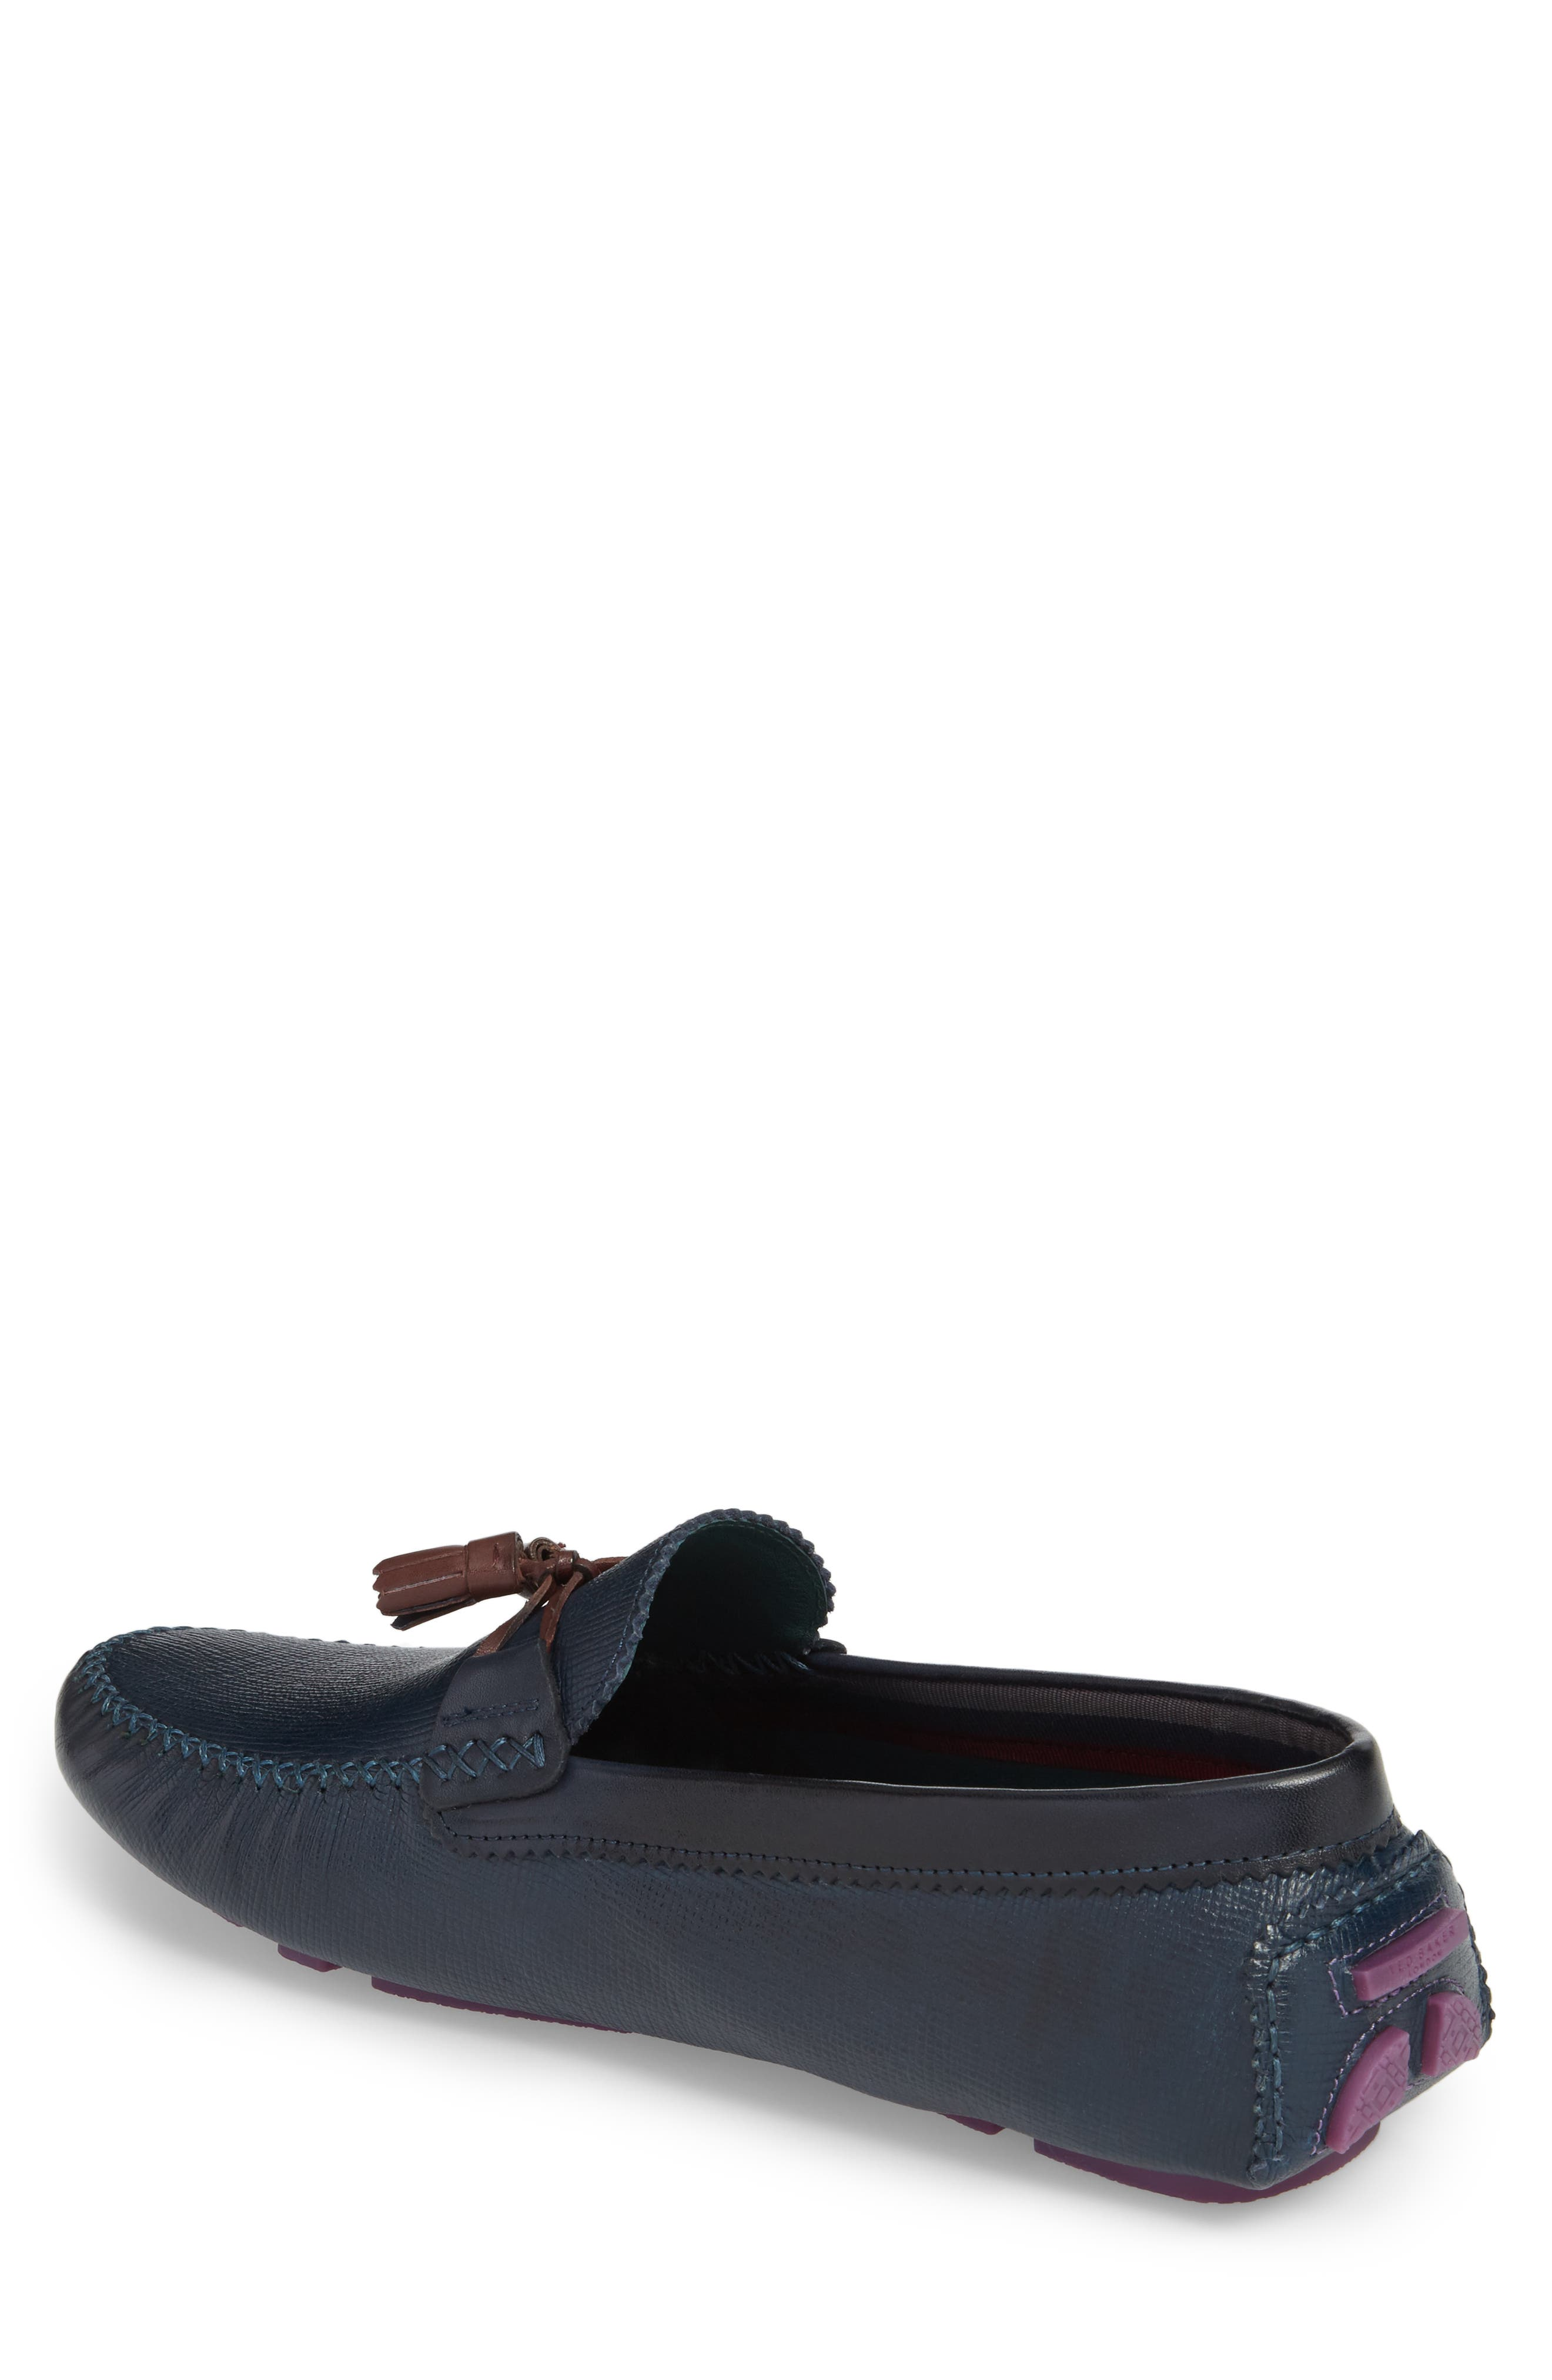 Urbonn Tasseled Driving Loafer,                             Alternate thumbnail 2, color,                             416